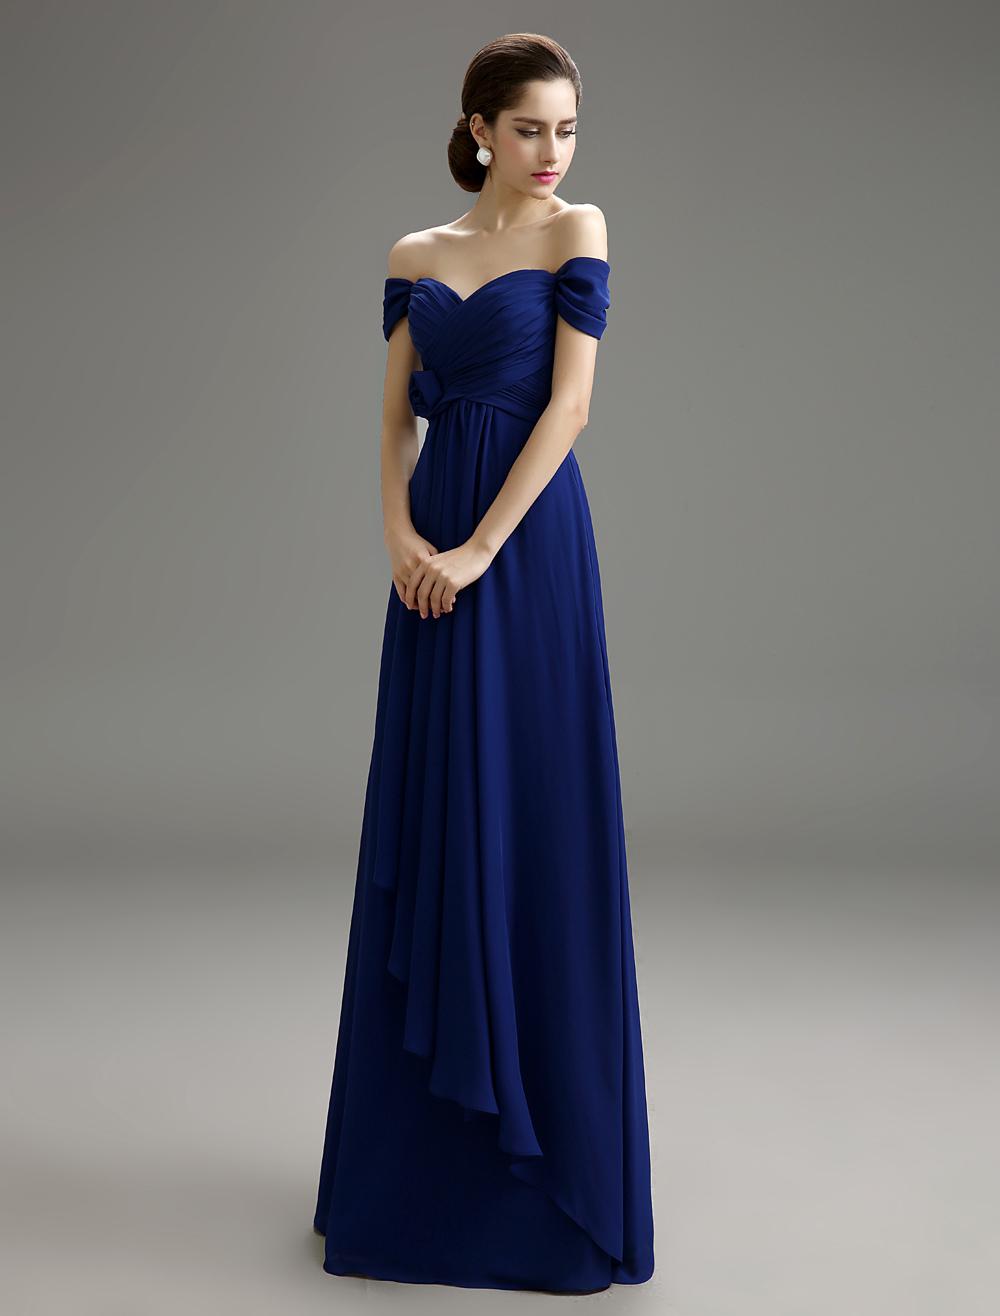 Schatz Chiffon abnehmbarer Brautjungfer Kleid mit Off-The-Shoulder ...